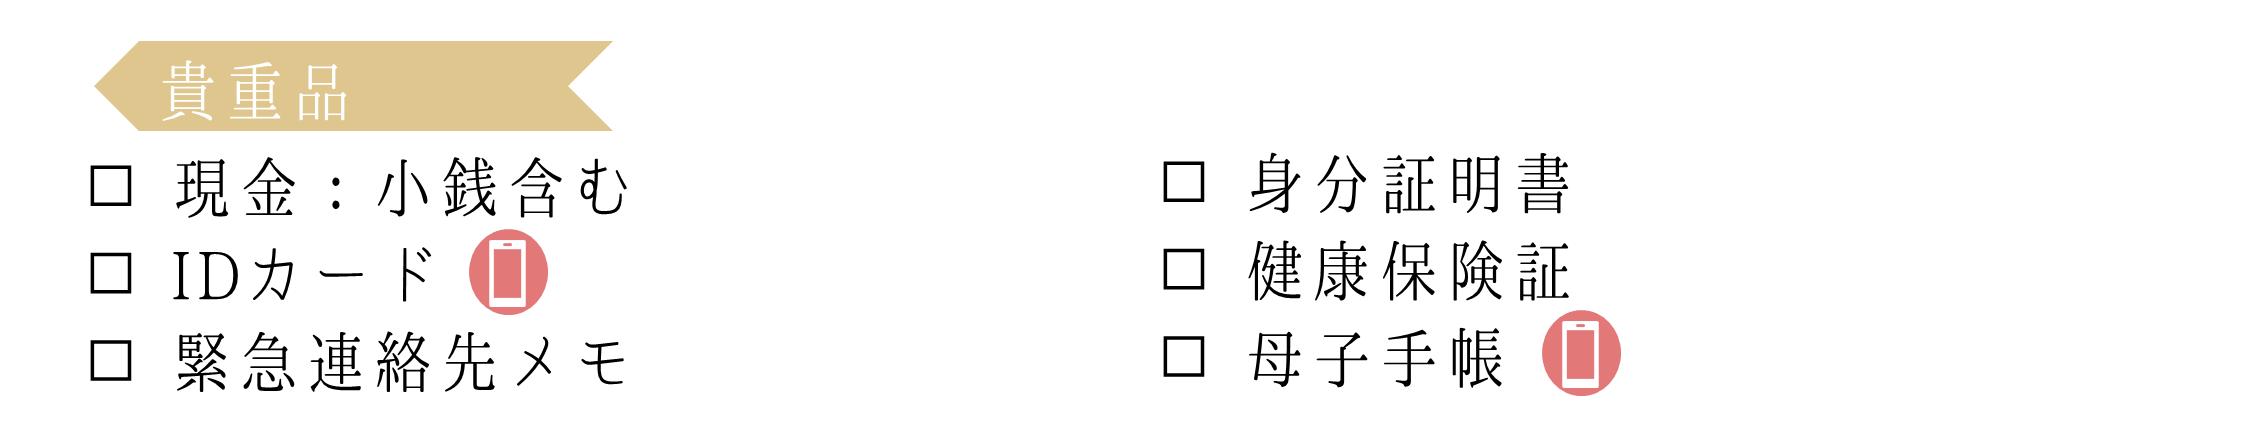 0次の備えリスト_貴重品